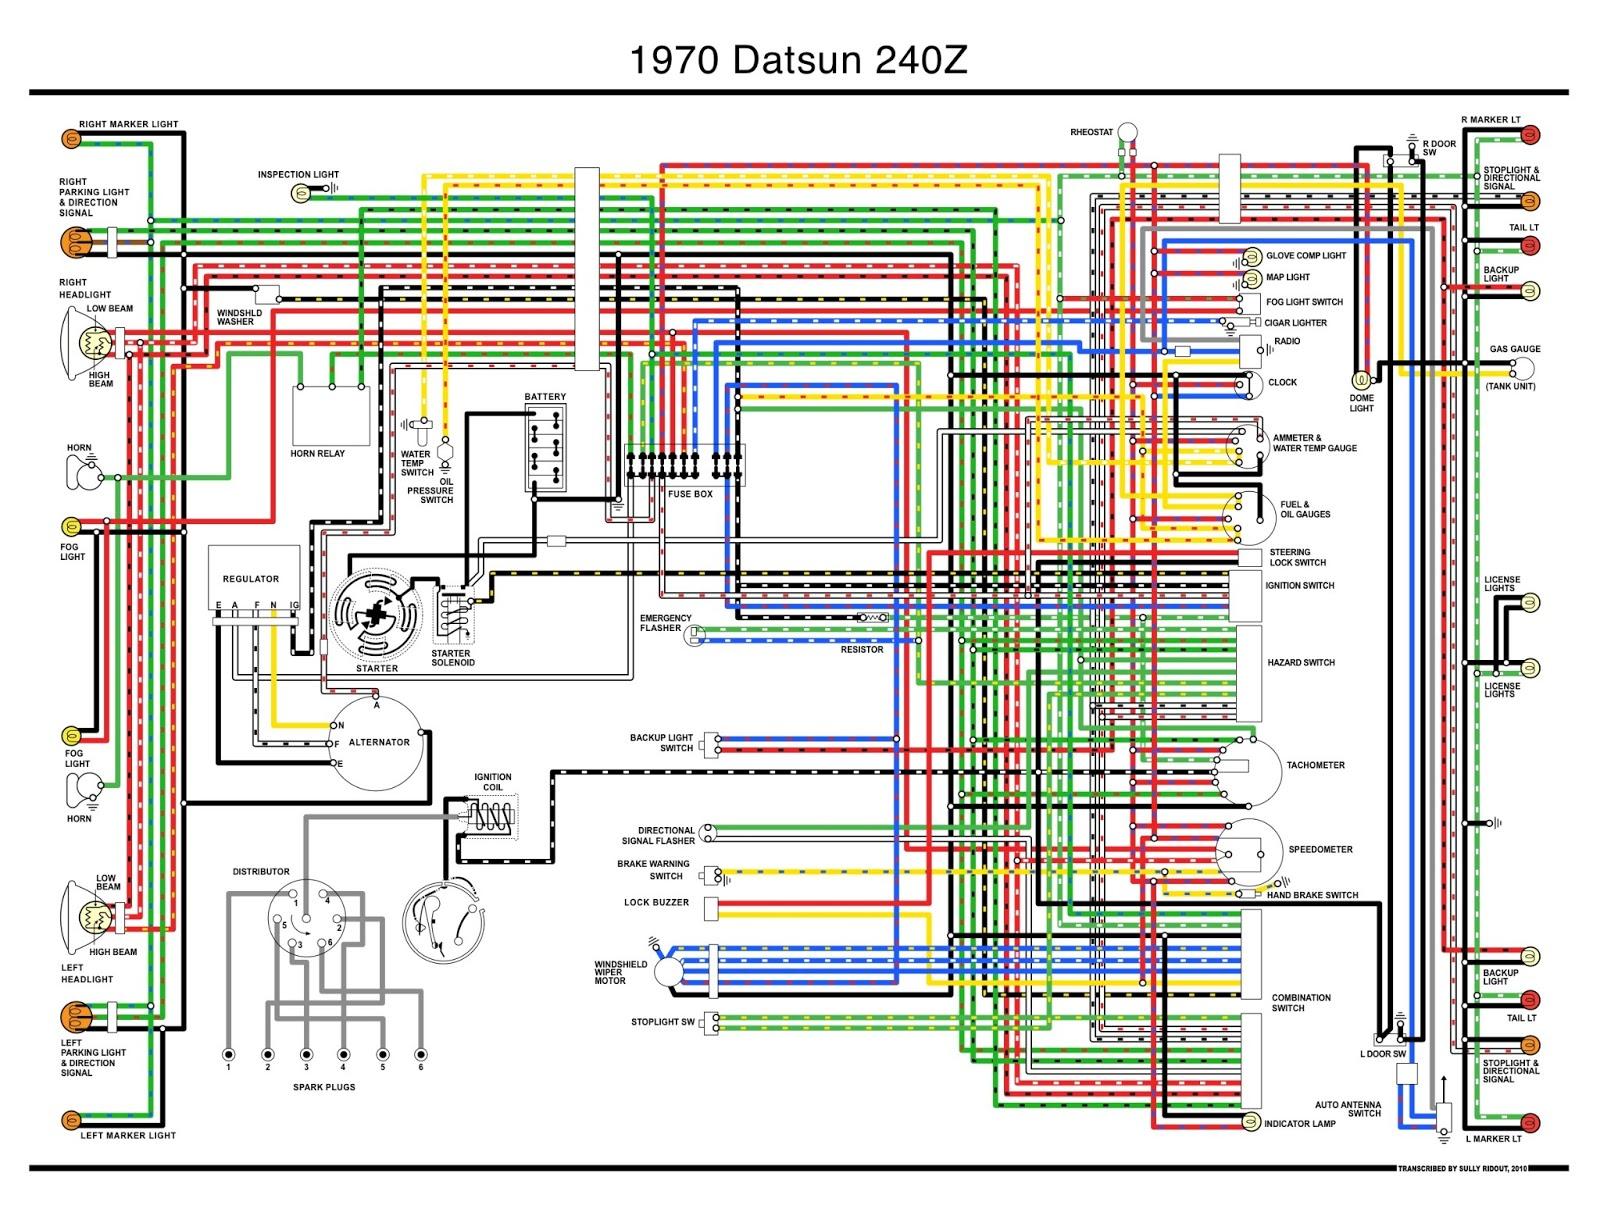 240Z Color Schematic. Lifesaver.